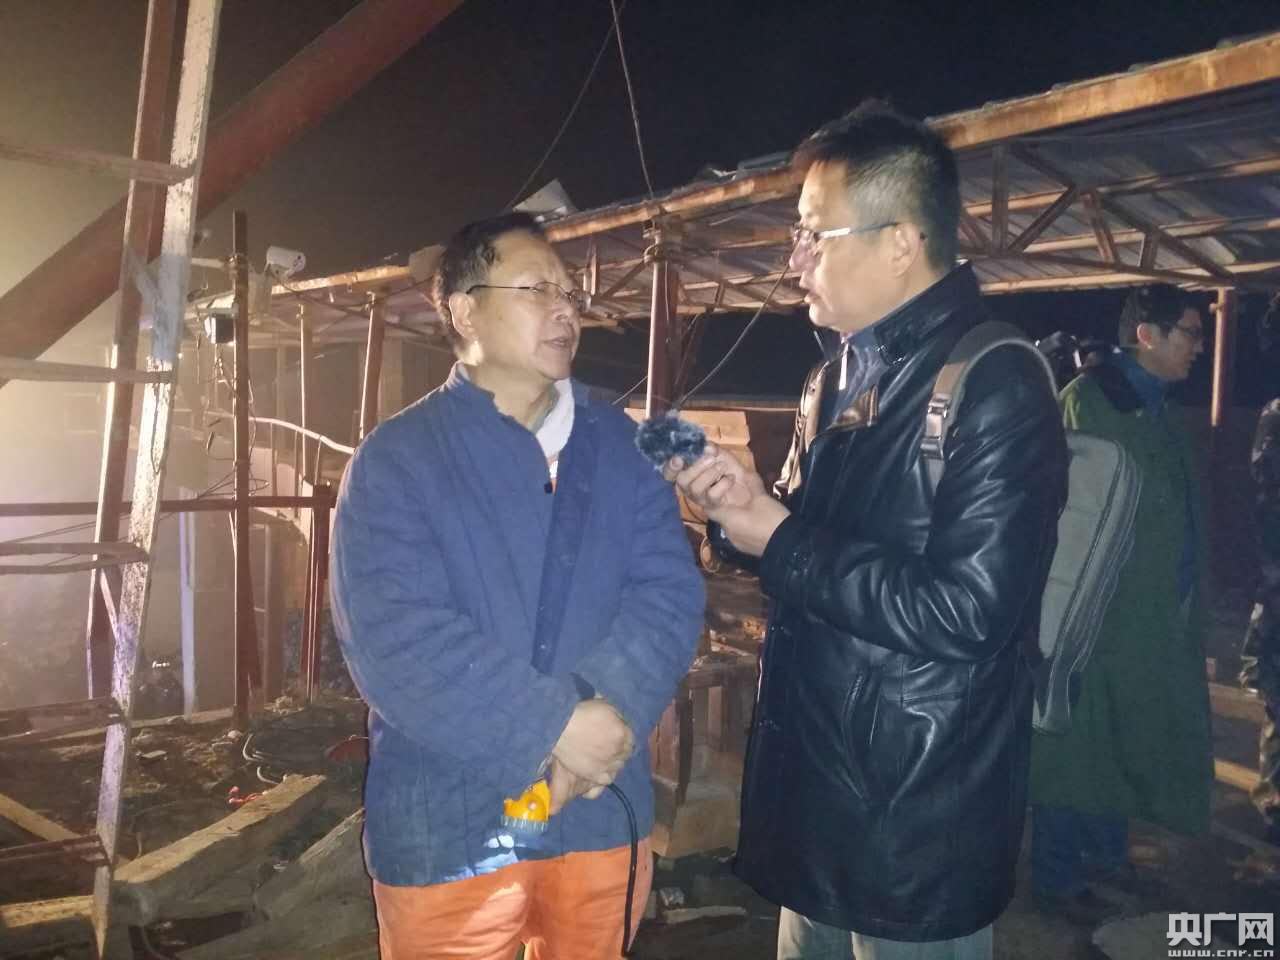 山东平邑膏矿坍塌事故进展:3名被困人员刚刚被救出